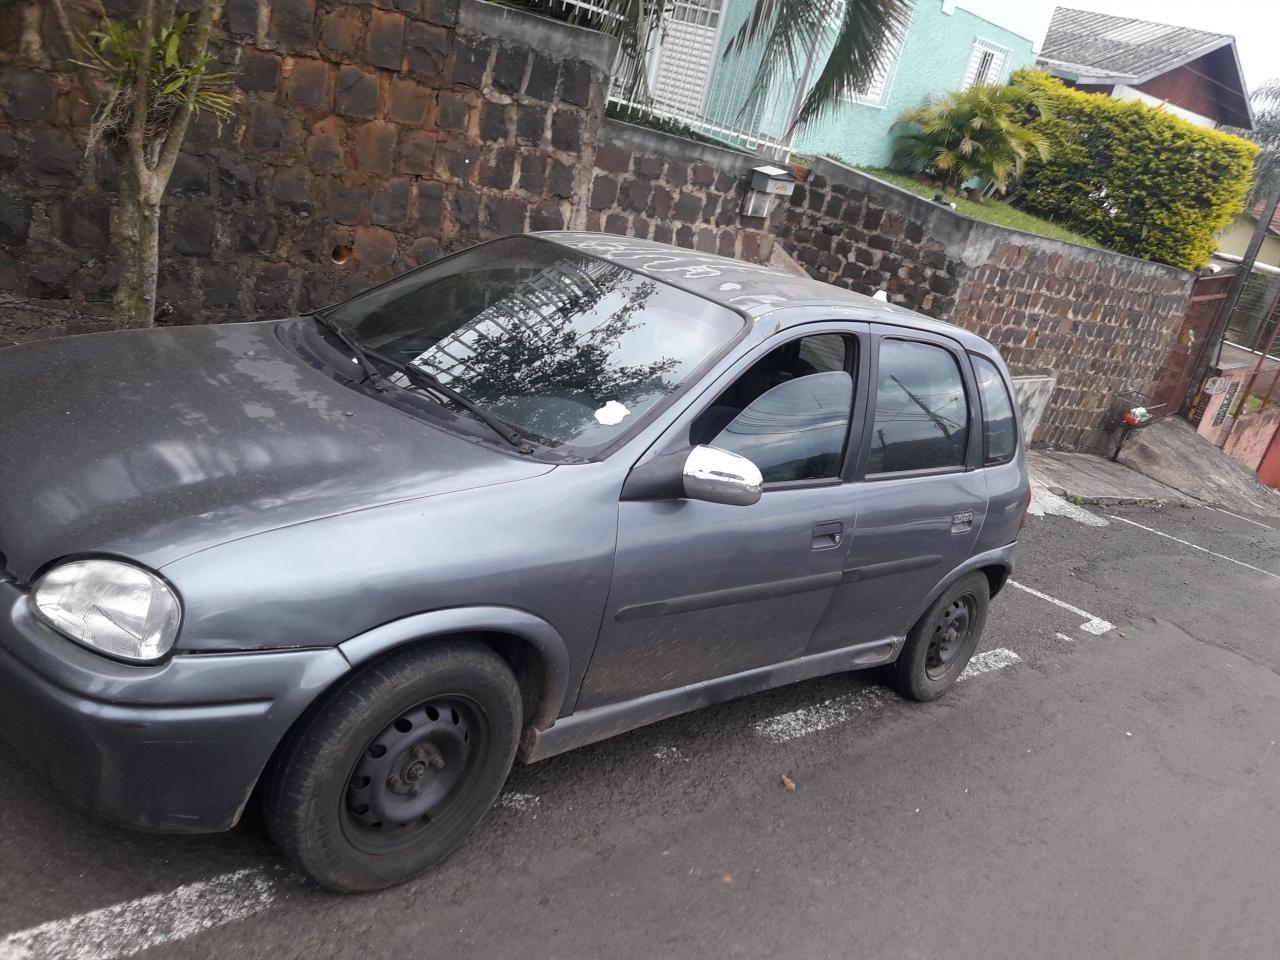 Veículo furtado no Guilherme Reich é localizado no Bairro Floresta